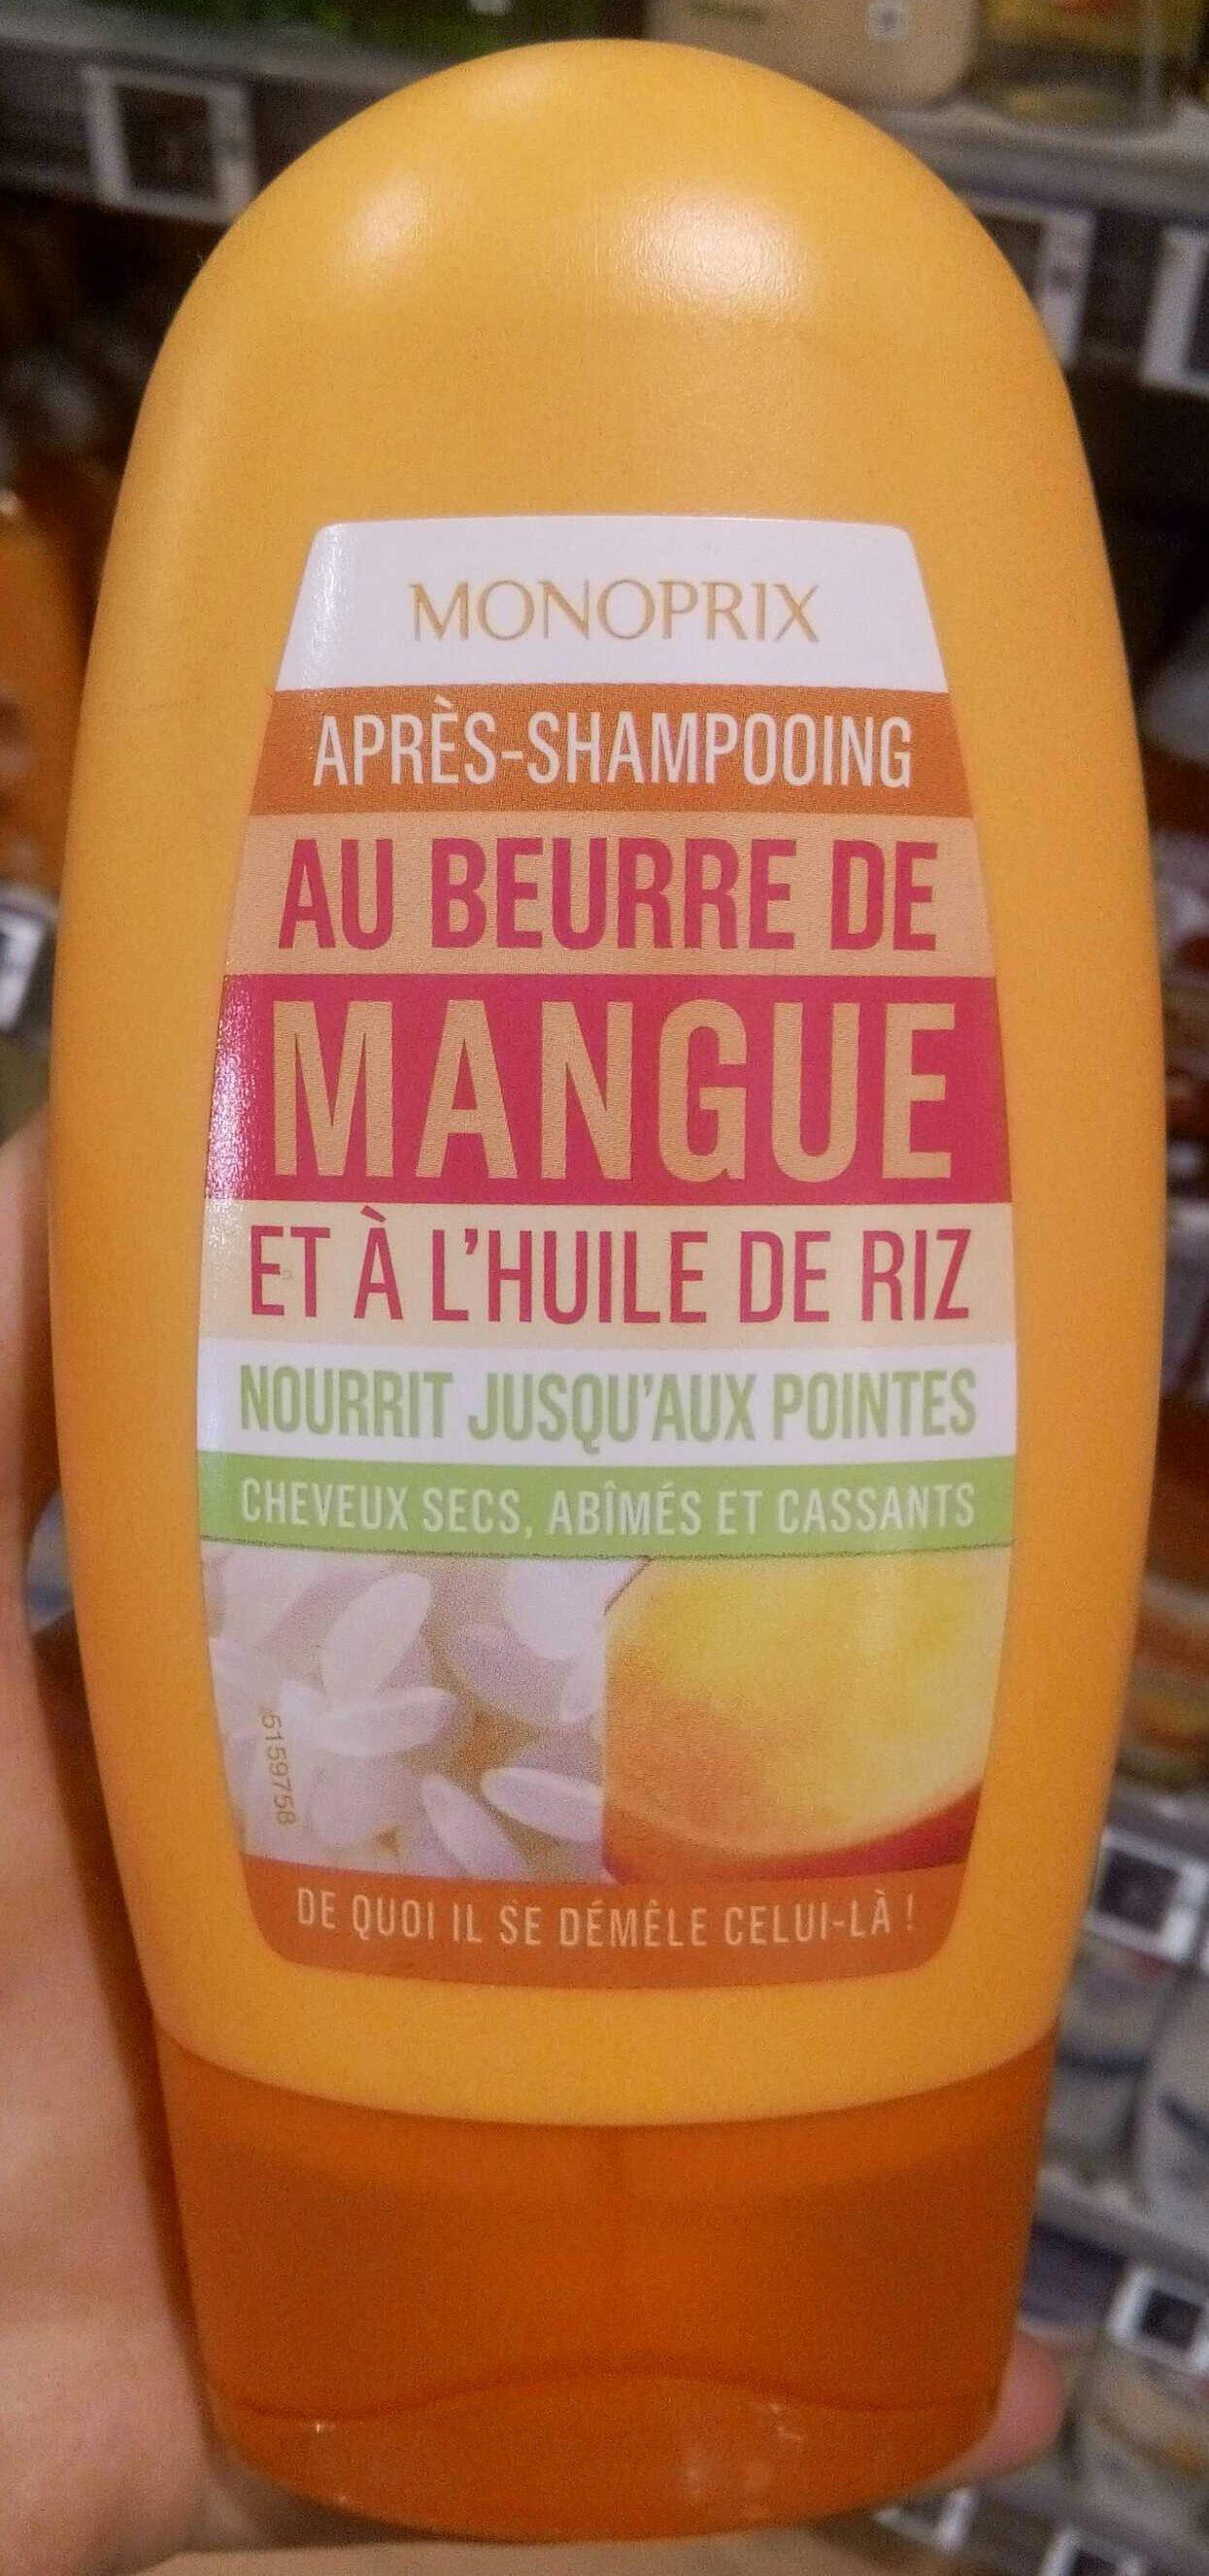 Après-Shampooing au beurre de mangue et à l'huile de riz - Product